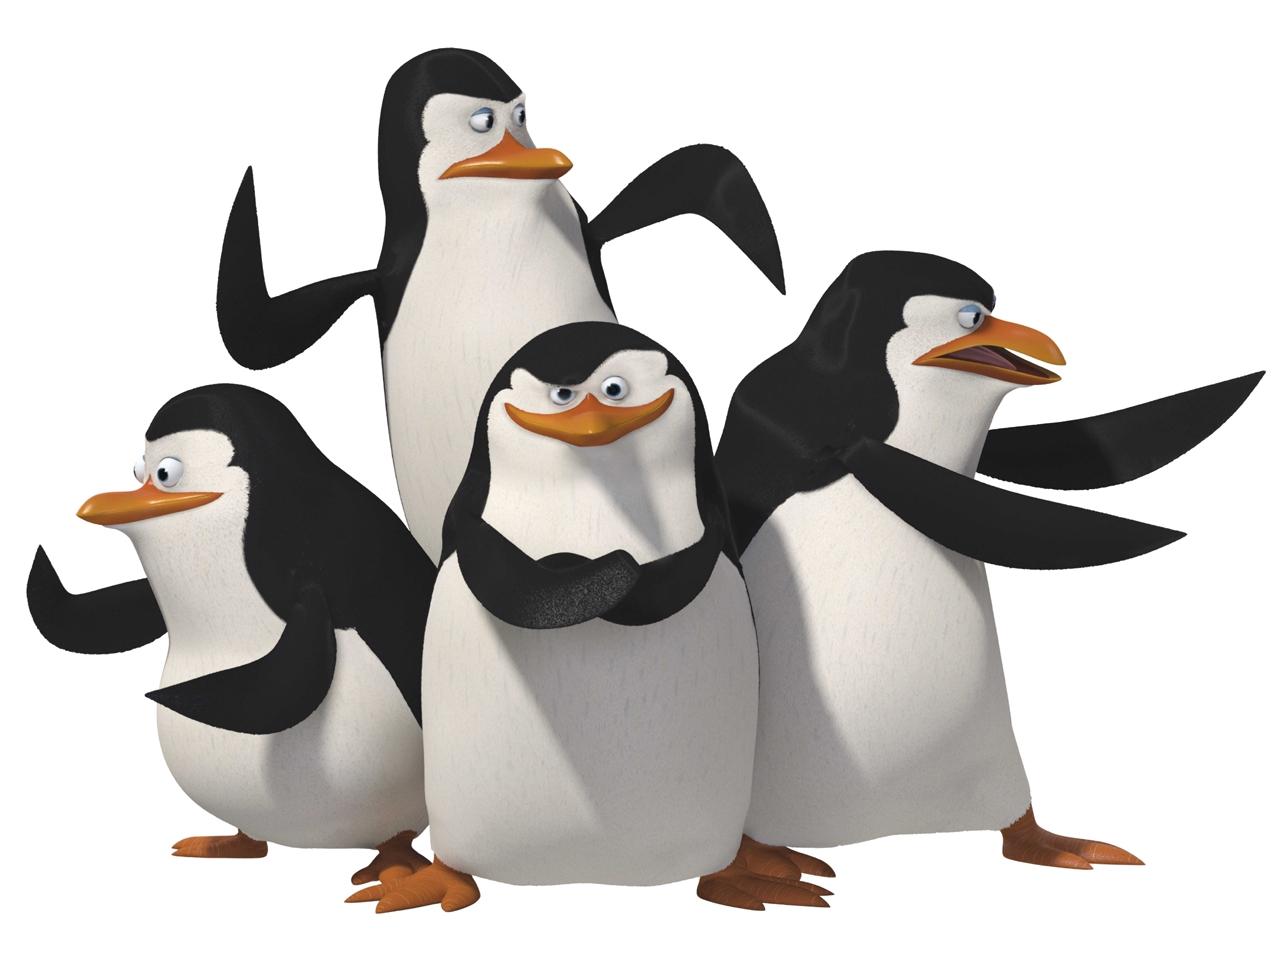 мадагаскарские пингвины, фото, скачать обои для рабочего стола